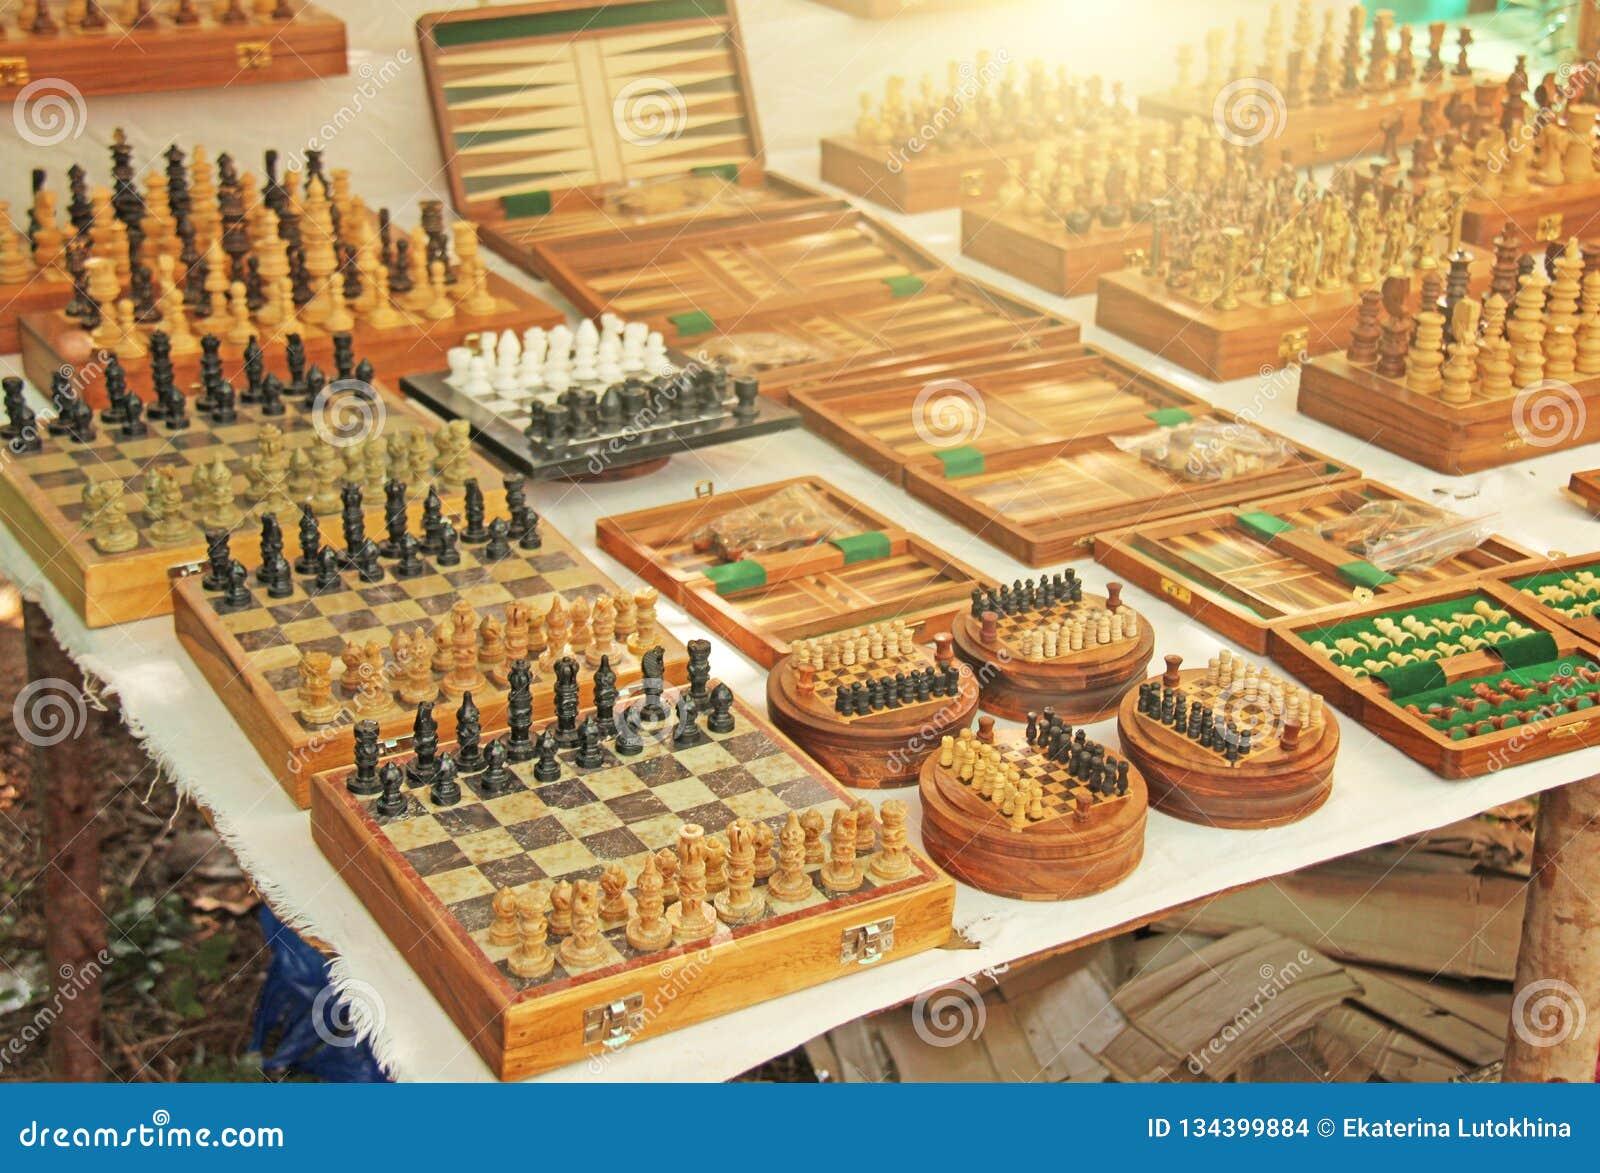 Шахматы в Древней Индии | Предания и легенды | 1172x1600